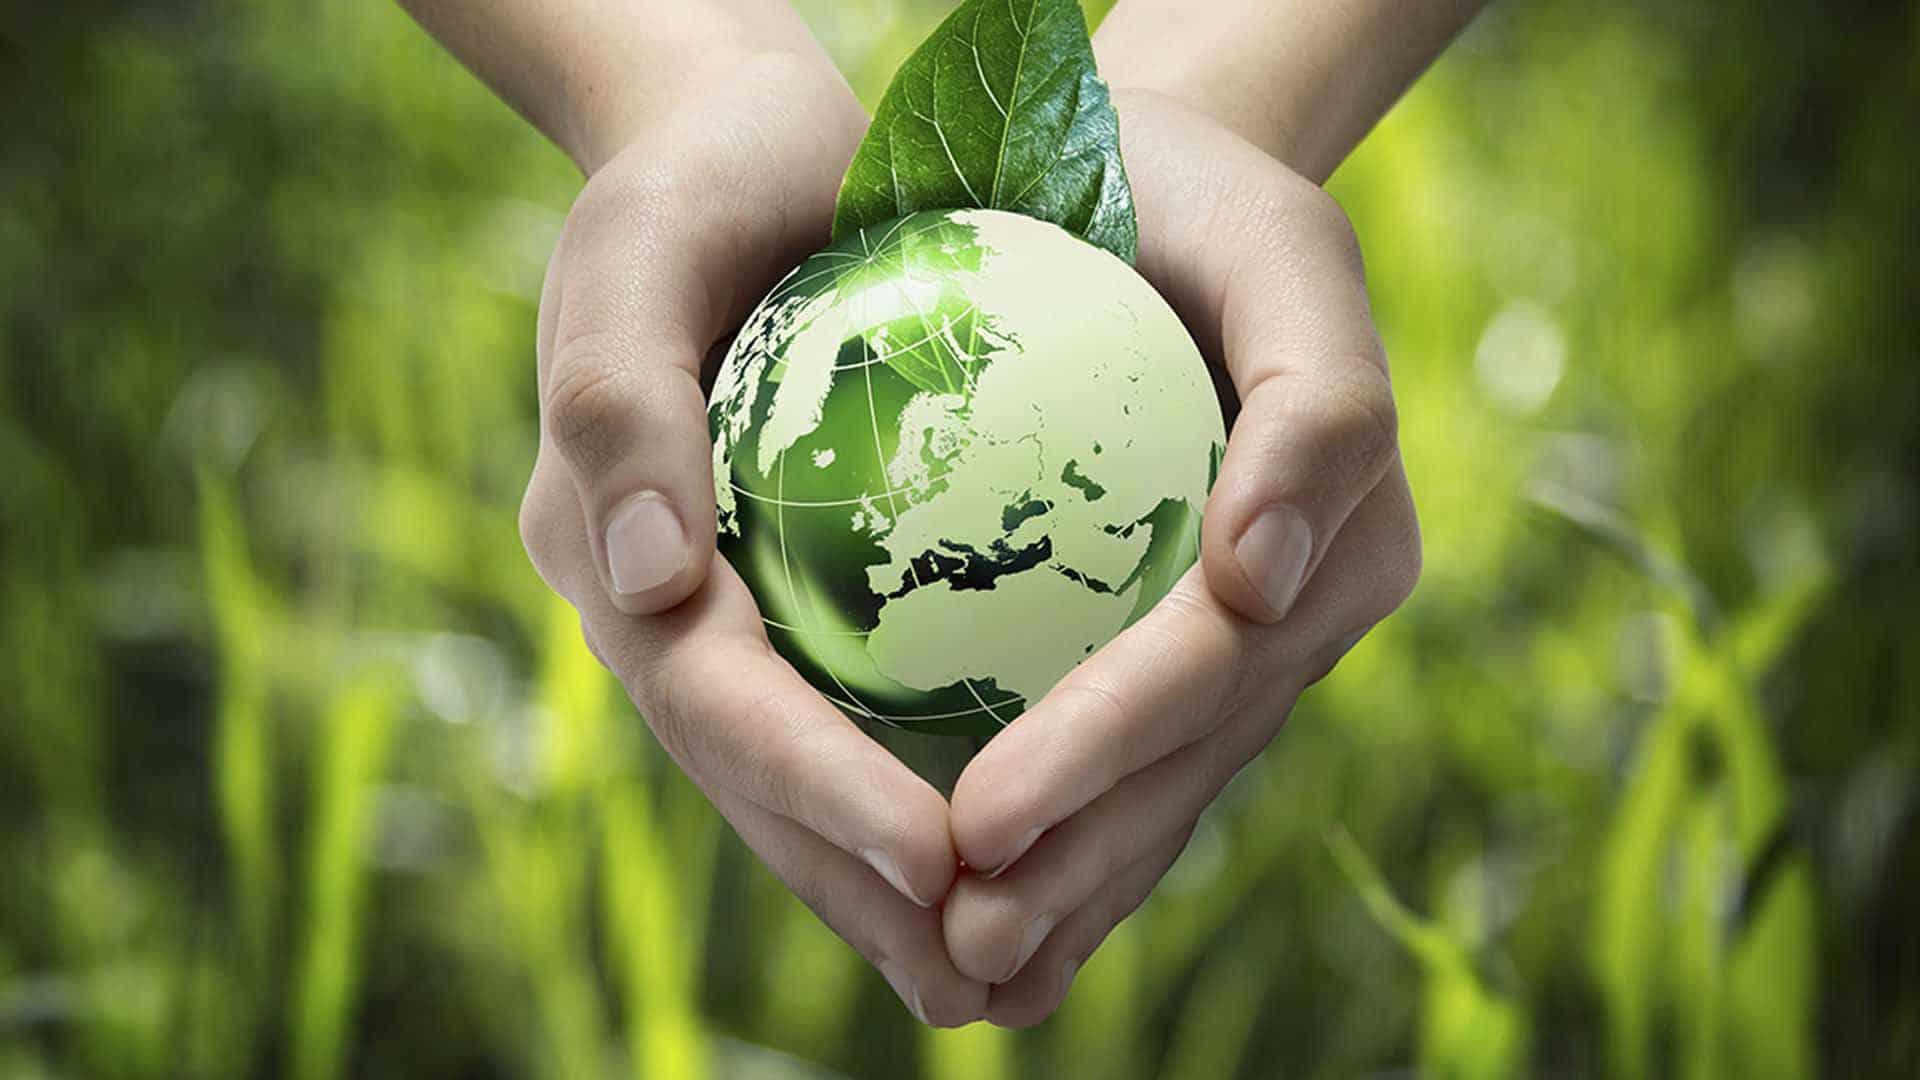 Eco-friendly – очередной тренд или необходимость   Бизнес-мир, деловой журнал Казахстана